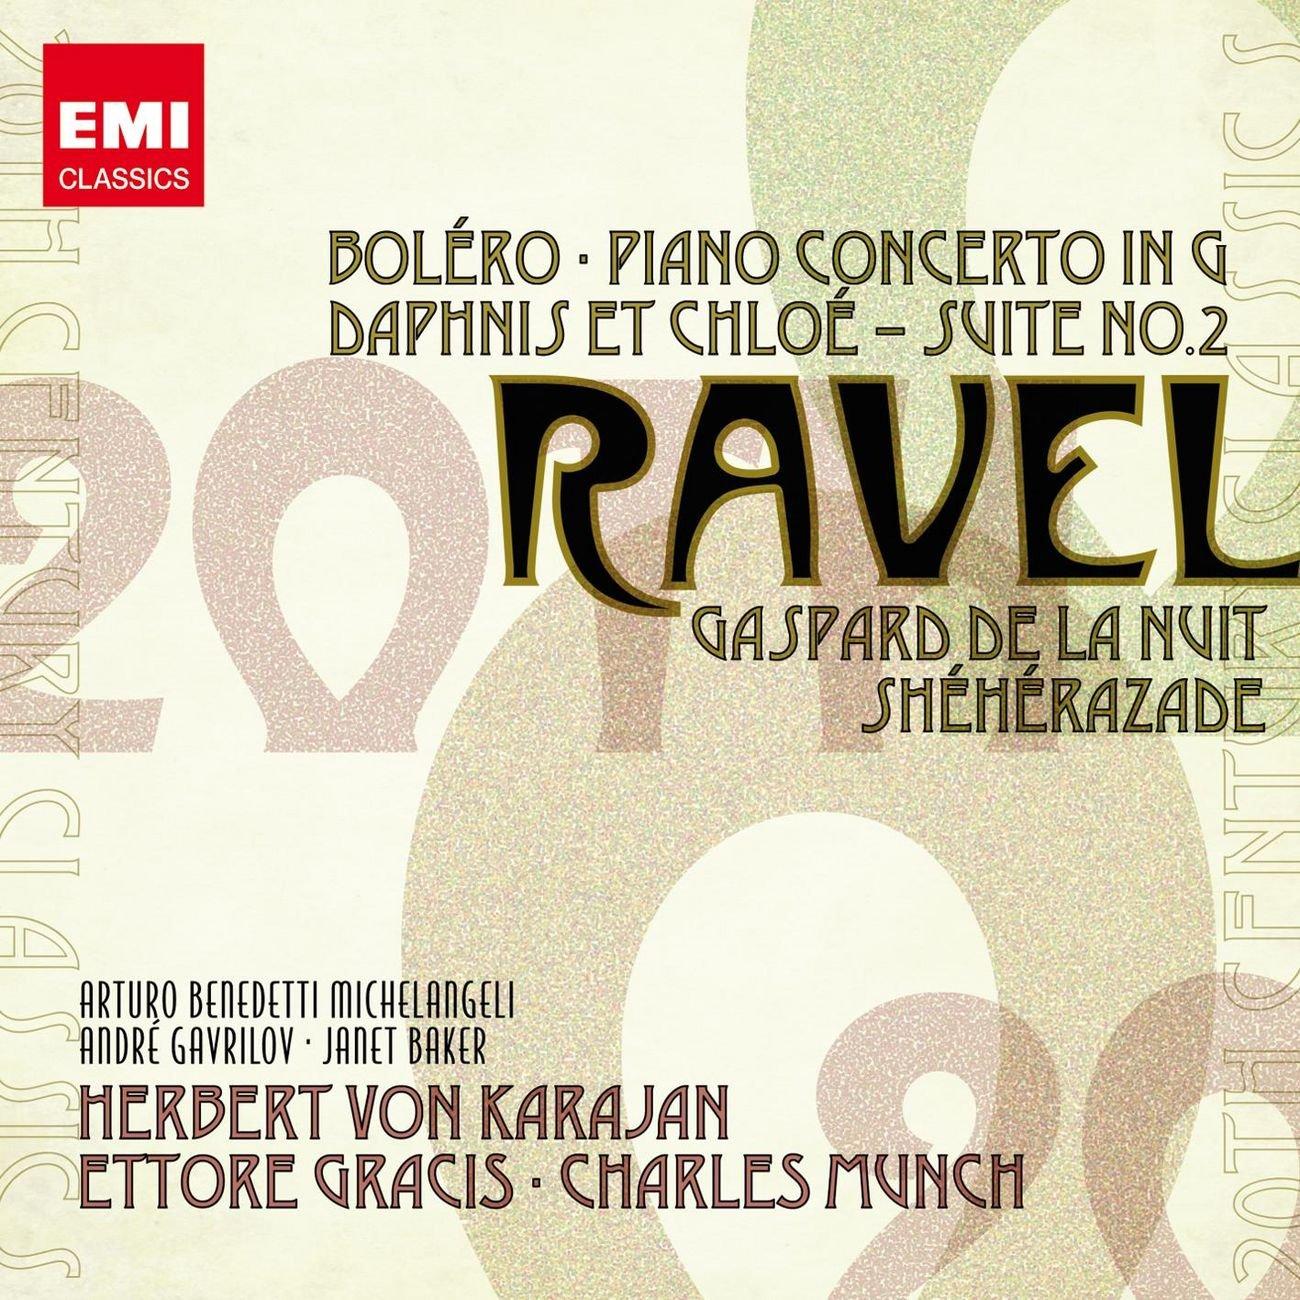 Ravel: Bolero, Piano Concerto in G, Daphnis et Chloe: Suite No. 2, Gaspard de la Nuit, Sheherazade